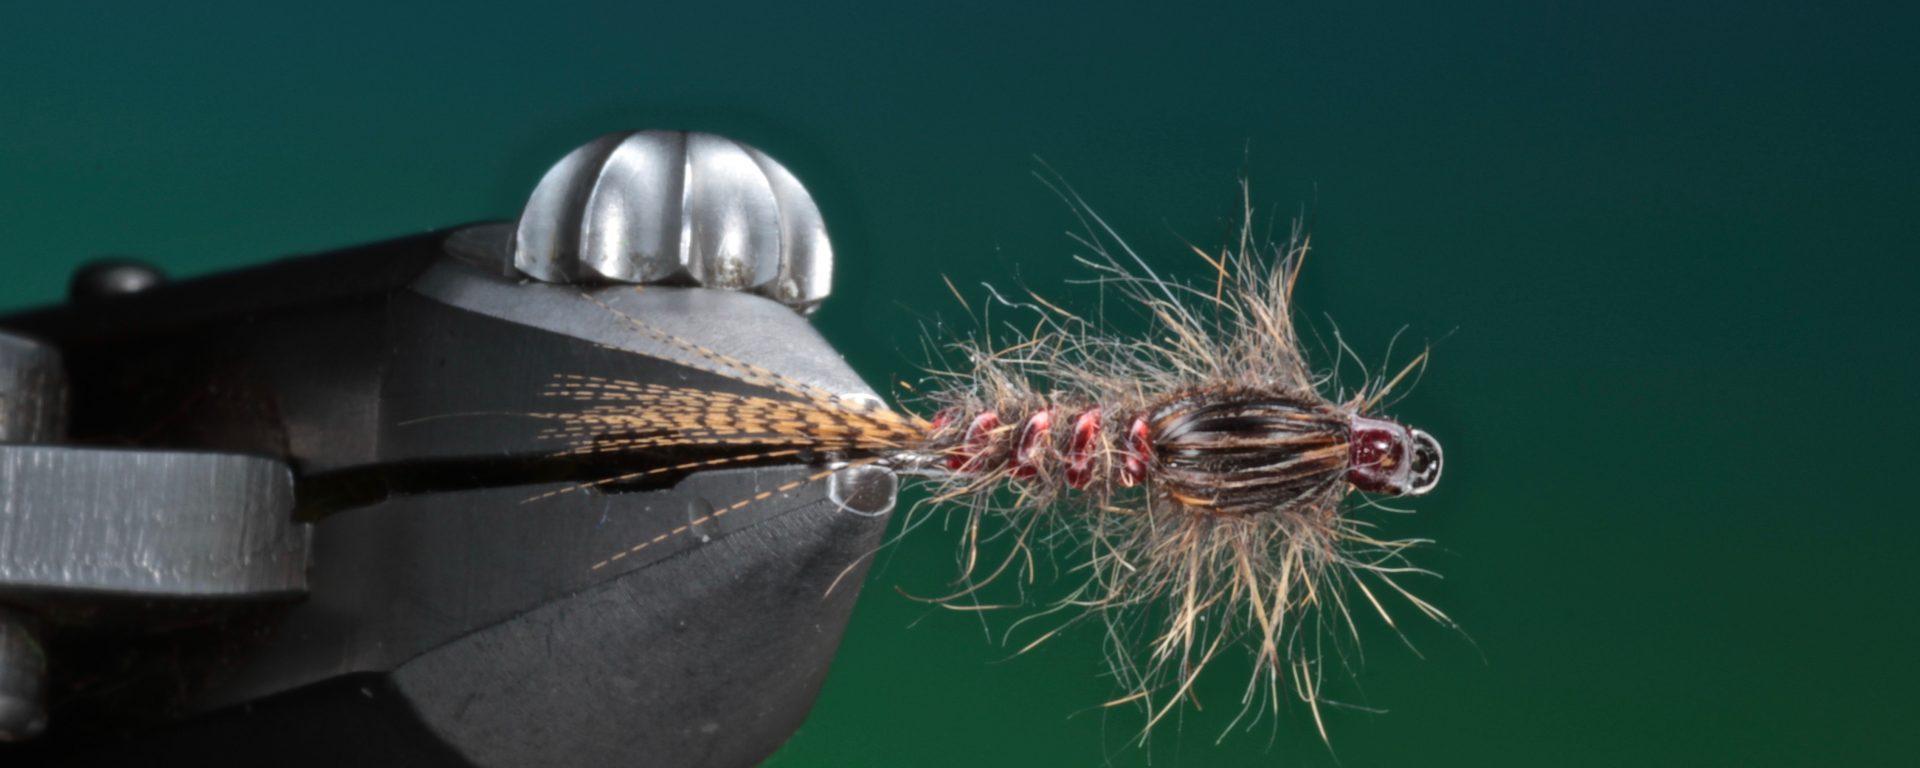 fly tying Scruffy Squirrel nymph